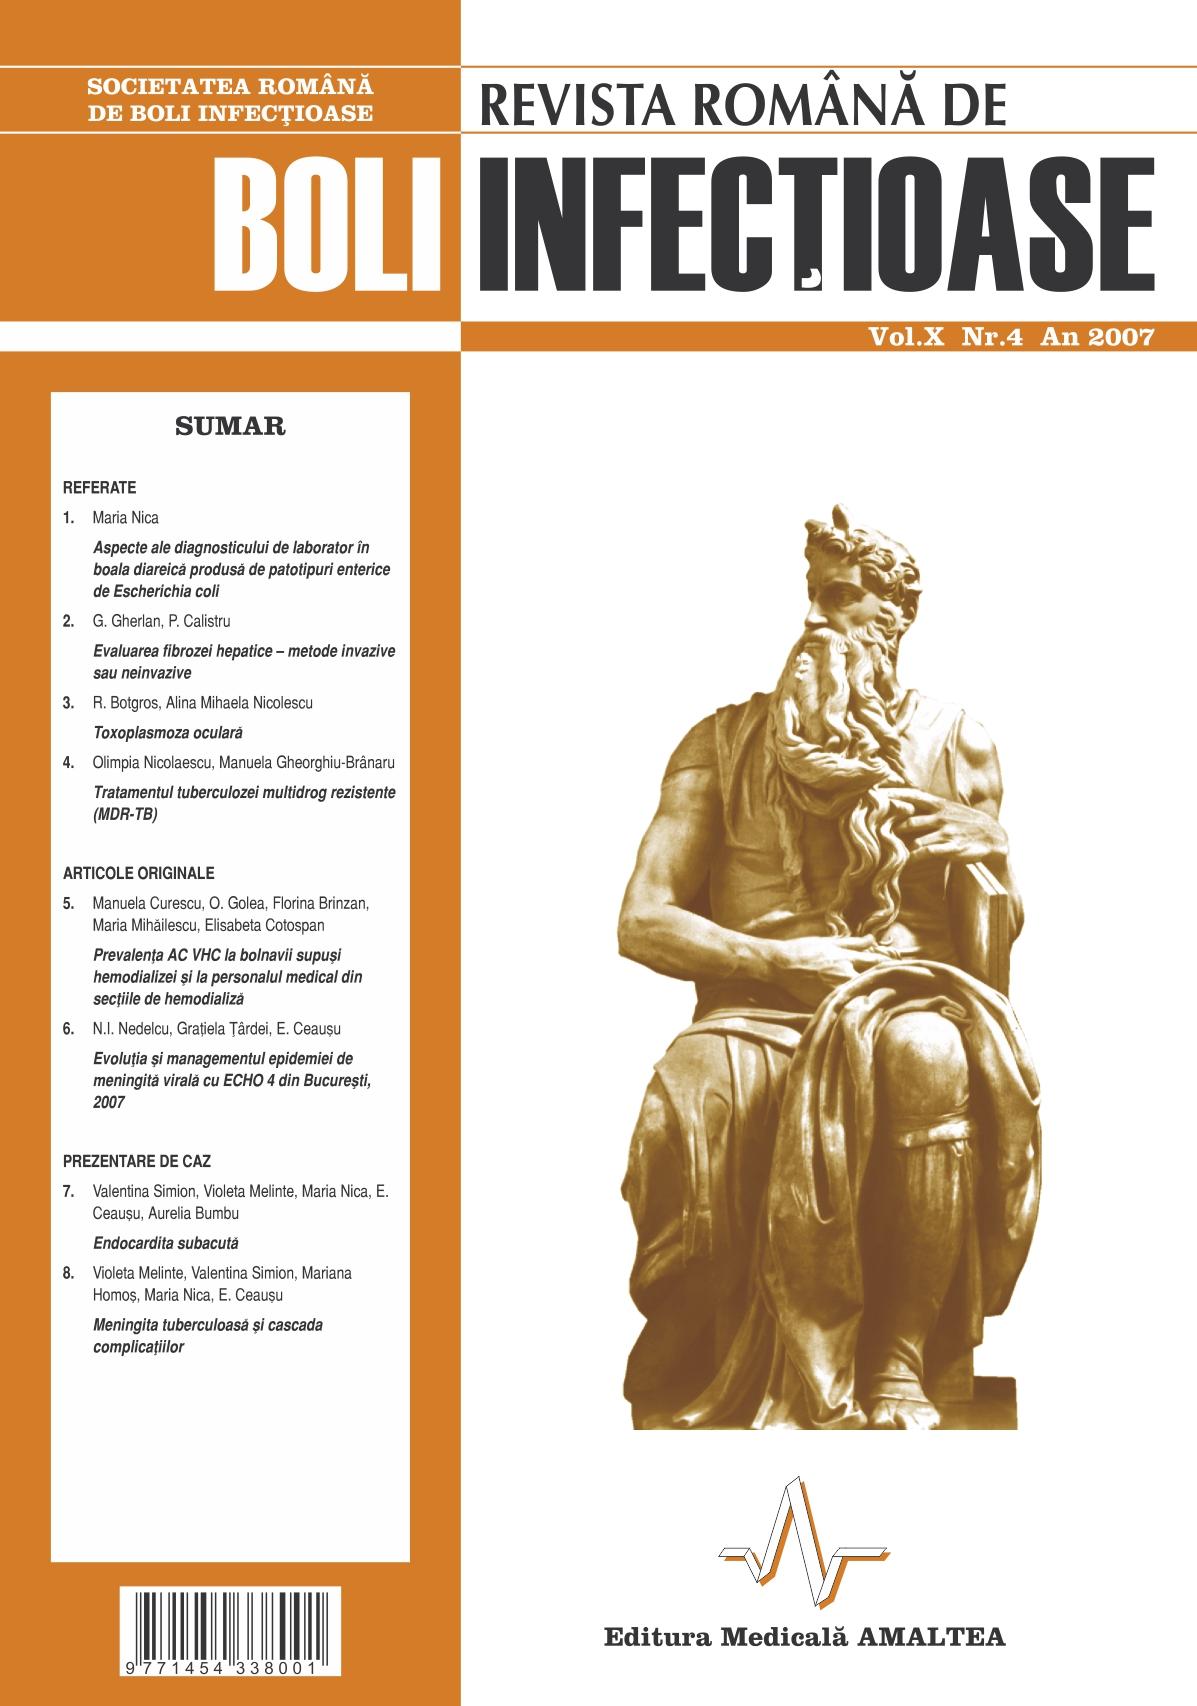 Revista Romana de Boli Infectioase | Vol. X, No. 4, 2007